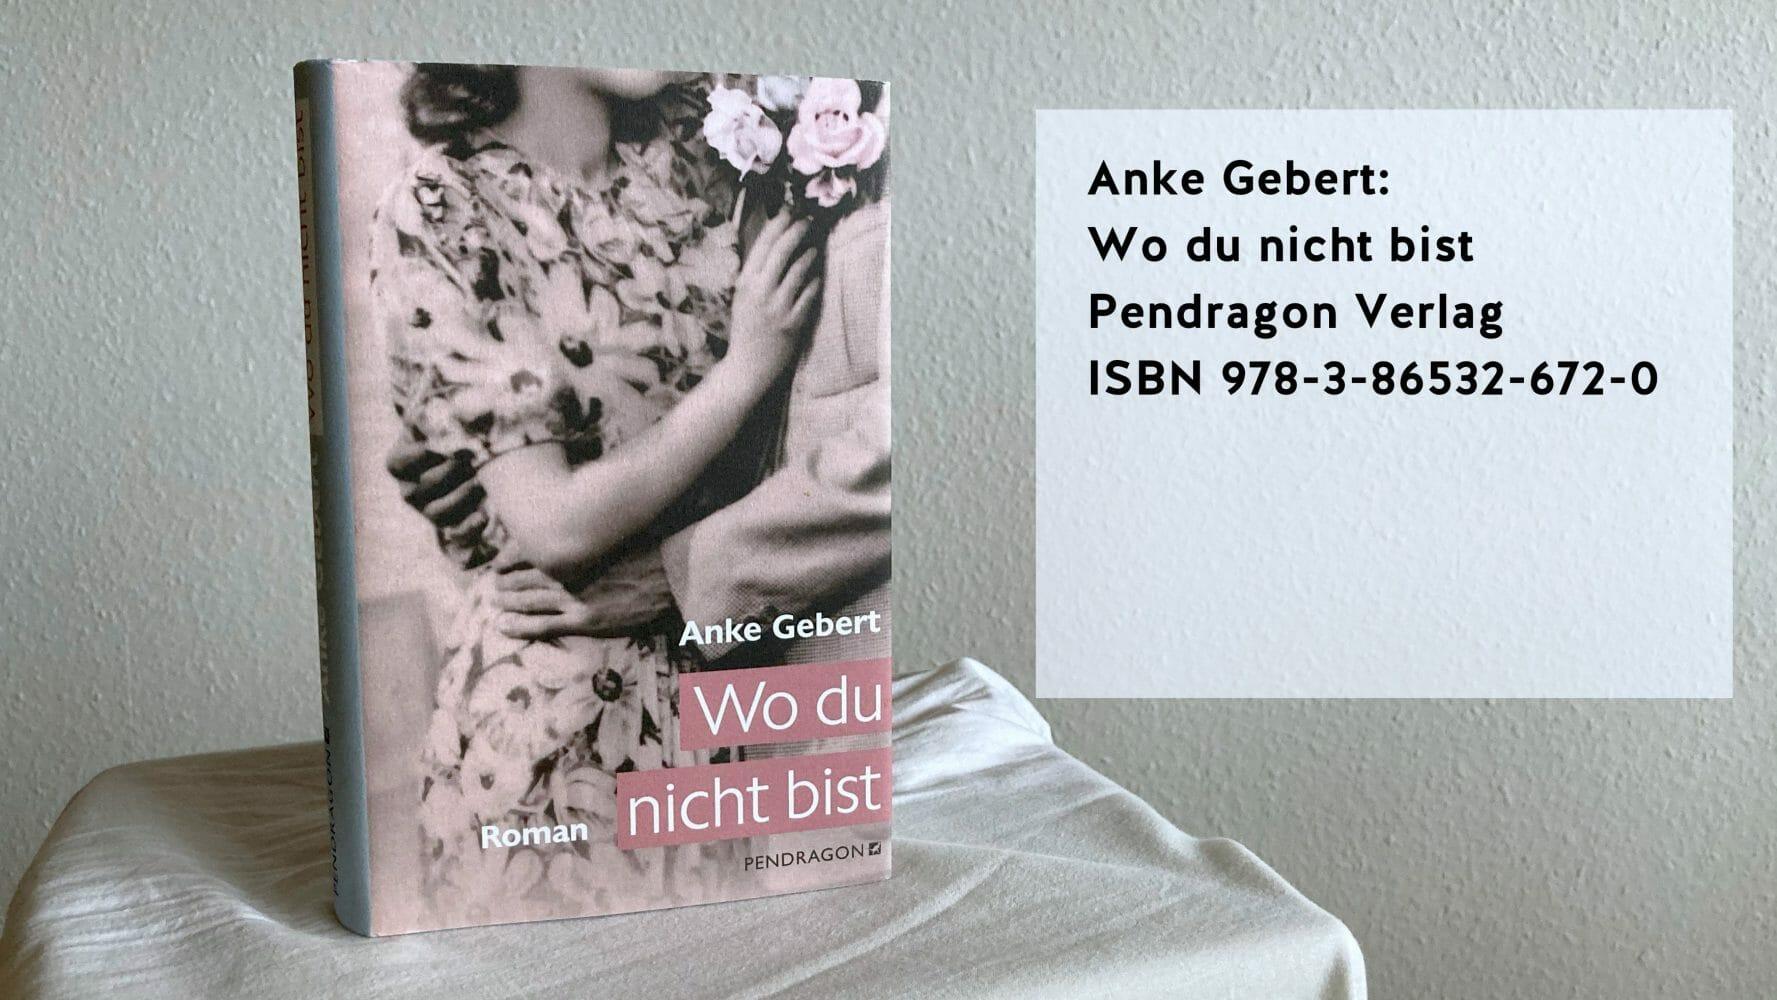 Anke Gebert: Wo du nicht bist